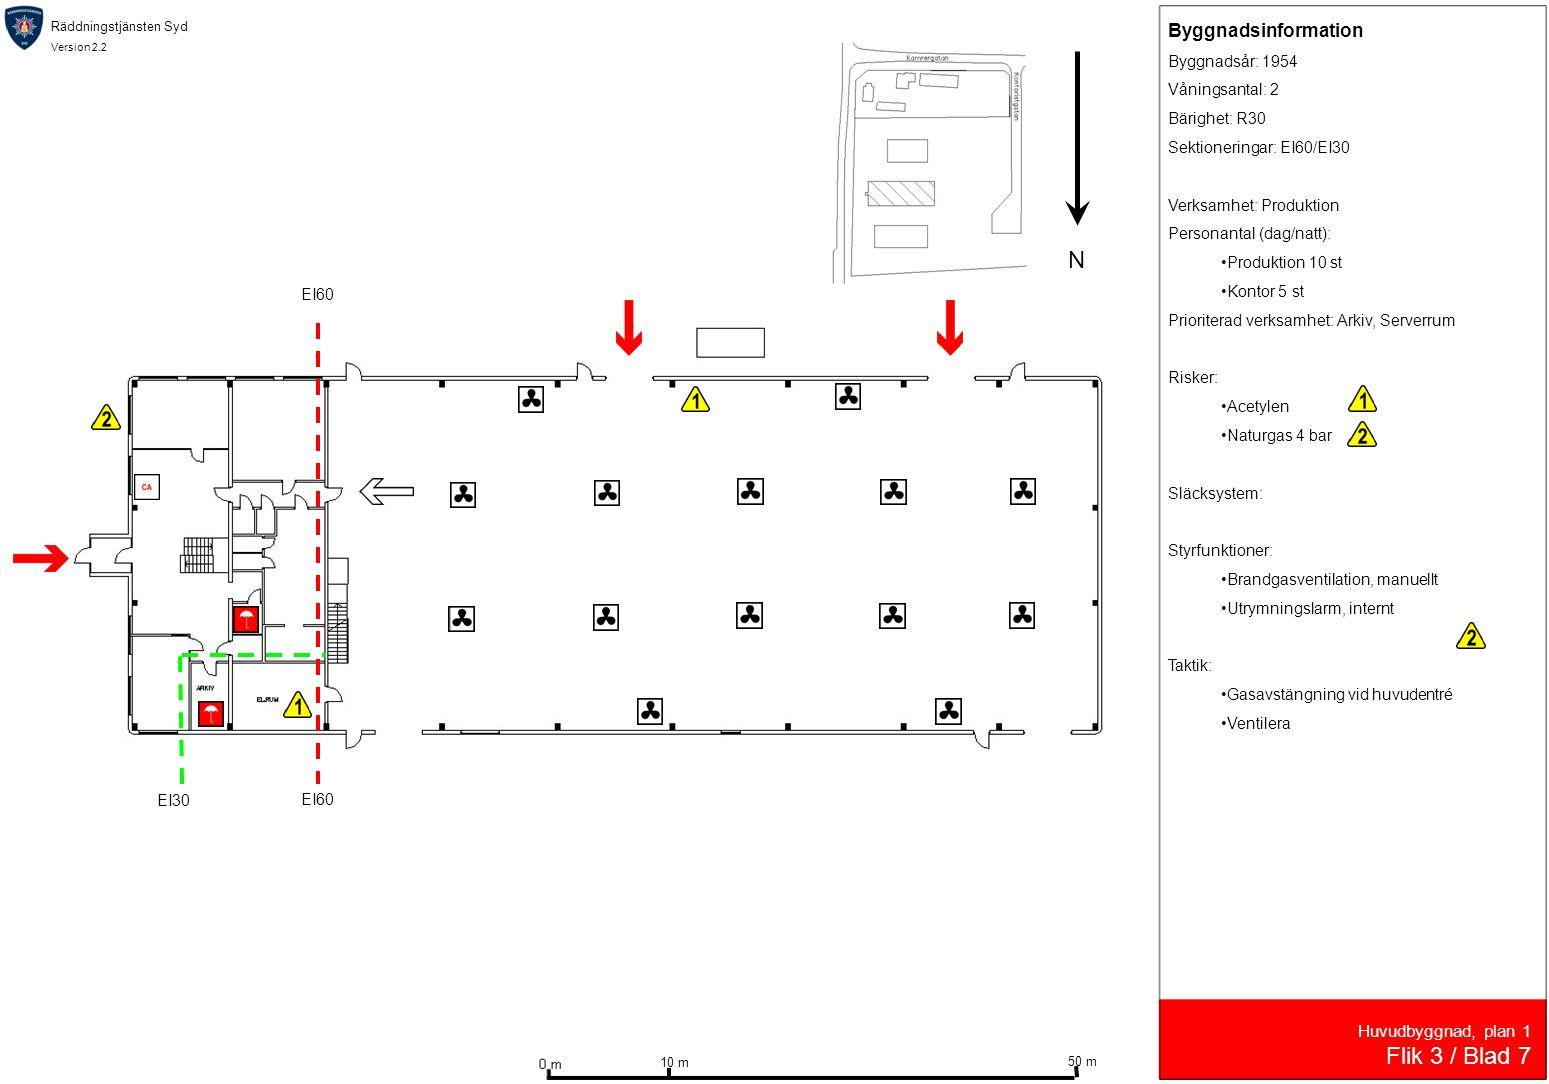 Räddningstjänsten Syd Version 2.2 Huvudbyggnad, plan 1 Flik 3 / Blad 7 Byggnadsinformation Byggnadsår: 1954 Våningsantal: 2 Bärighet: R30 Sektioneringar: EI60/EI30 Verksamhet: Produktion Personantal (dag/natt): •Produktion 10 st •Kontor 5 st Prioriterad verksamhet: Arkiv, Serverrum Risker: •Acetylen •Naturgas 4 bar Släcksystem: Styrfunktioner: •Brandgasventilation, manuellt •Utrymningslarm, internt Taktik: •Gasavstängning vid huvudentré •Ventilera N 10 m 50 m EI60 EI30 EI60